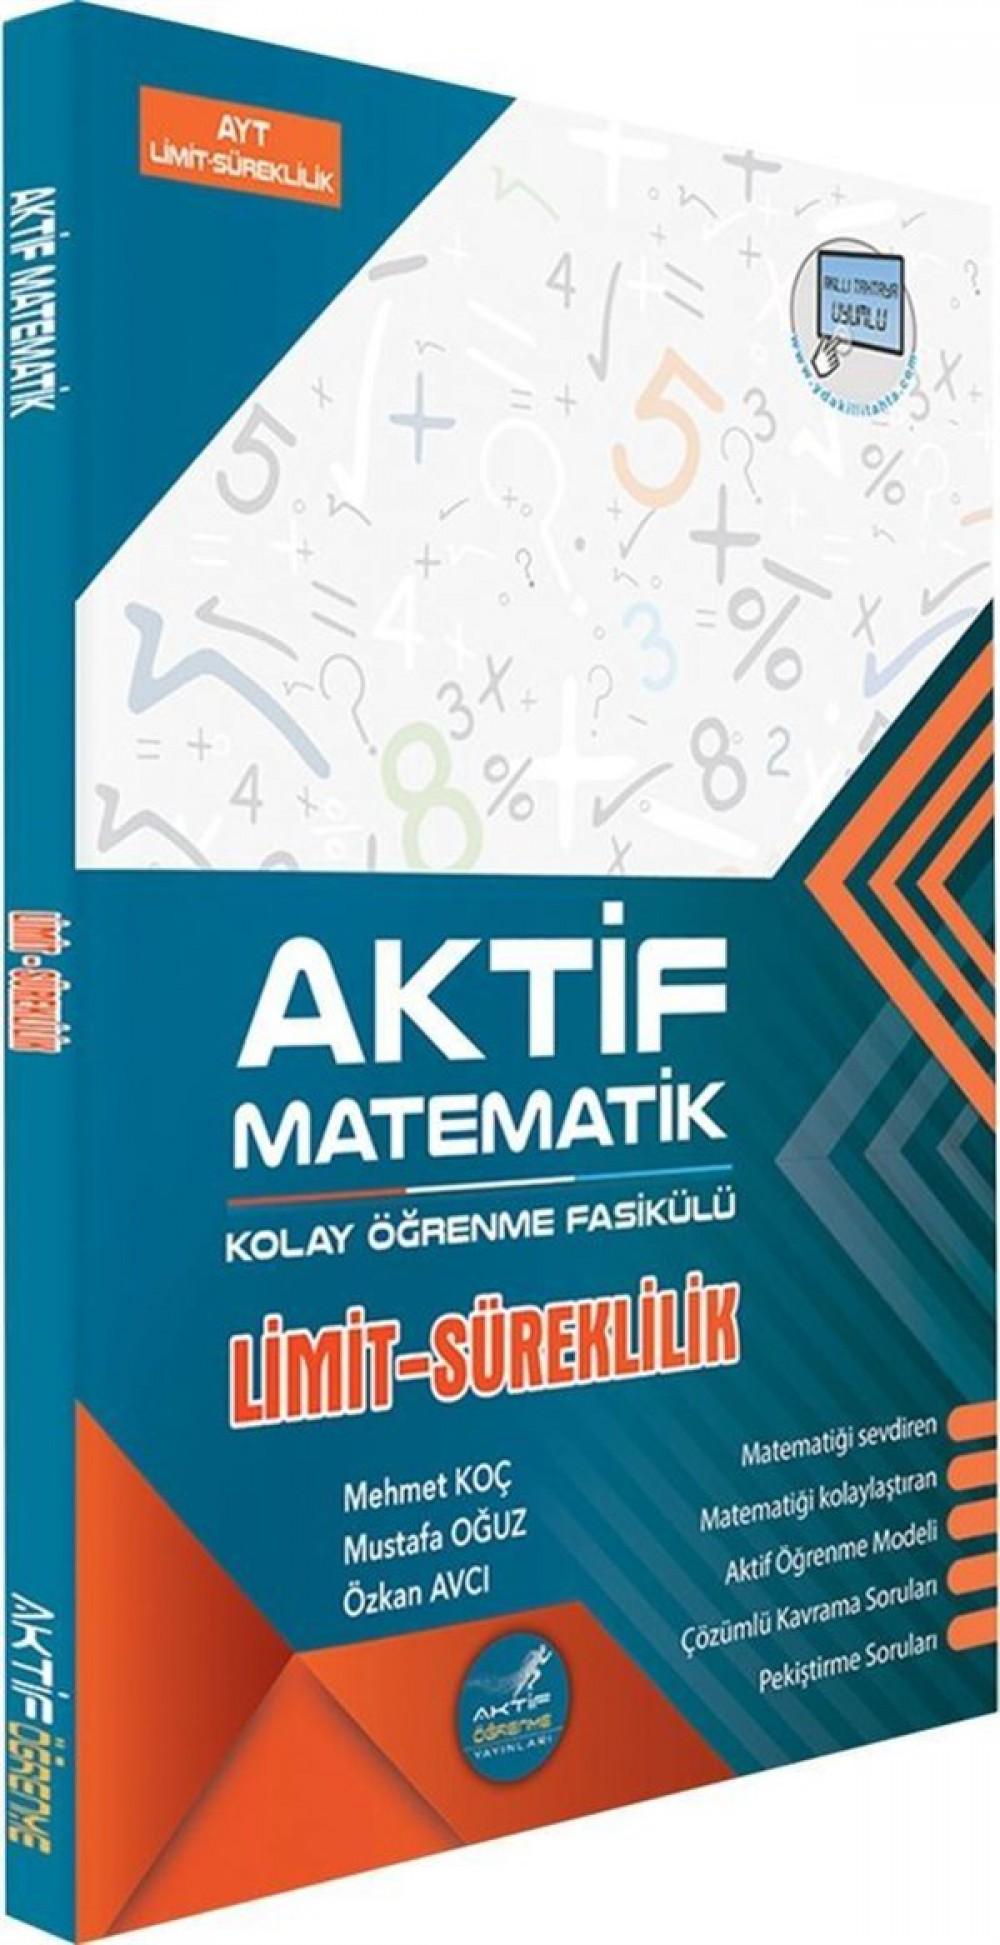 Aktif Öğrenme Yayınları AYT Limit ve Süreklilik Kolay Öğrenme Fasikülü